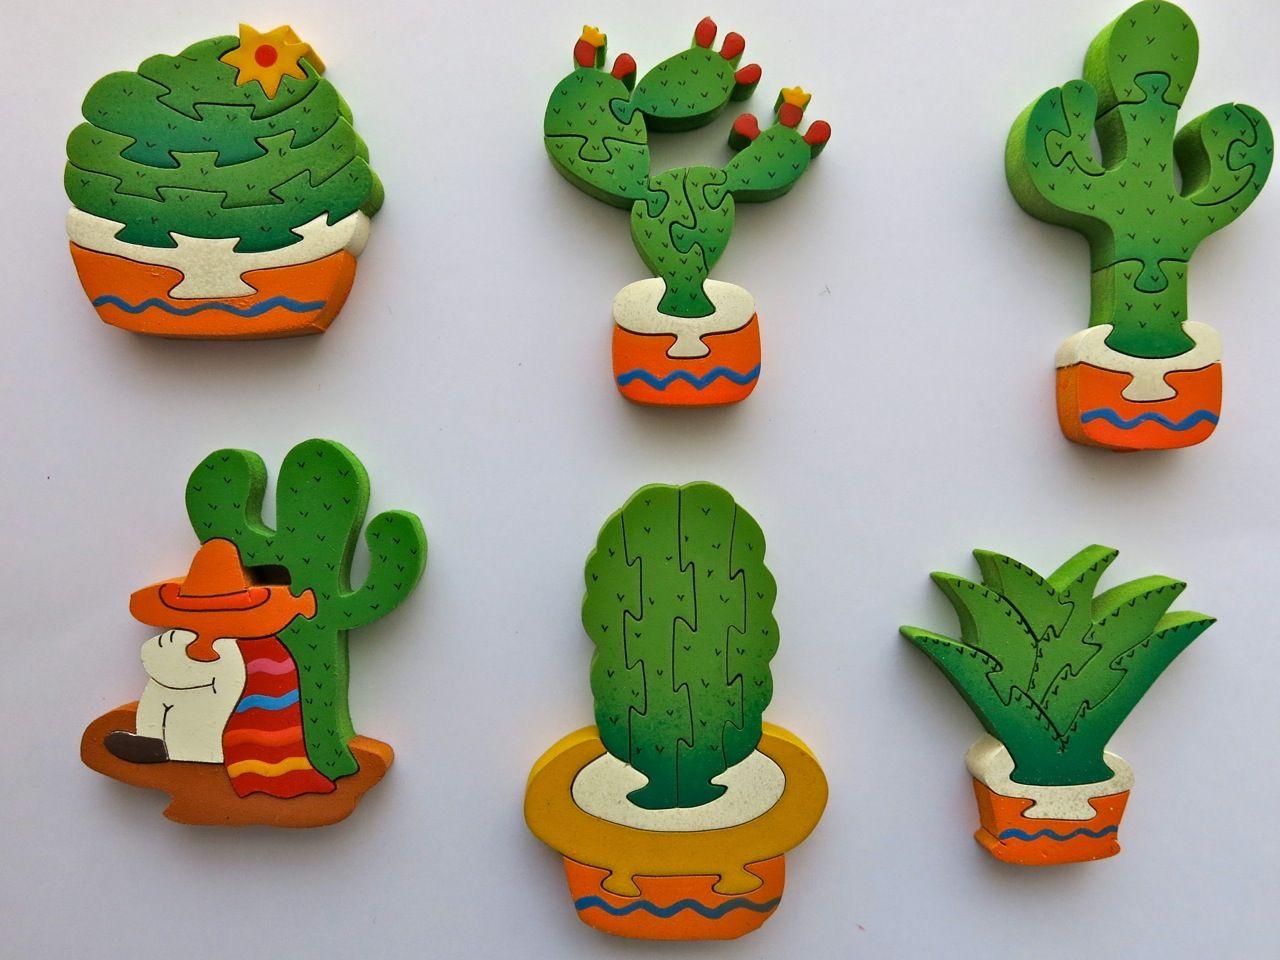 Hilos en nogada, cactus, nopalito, viejito, San Pedro, agave, suegra, madera, iman, handmade, Puebla